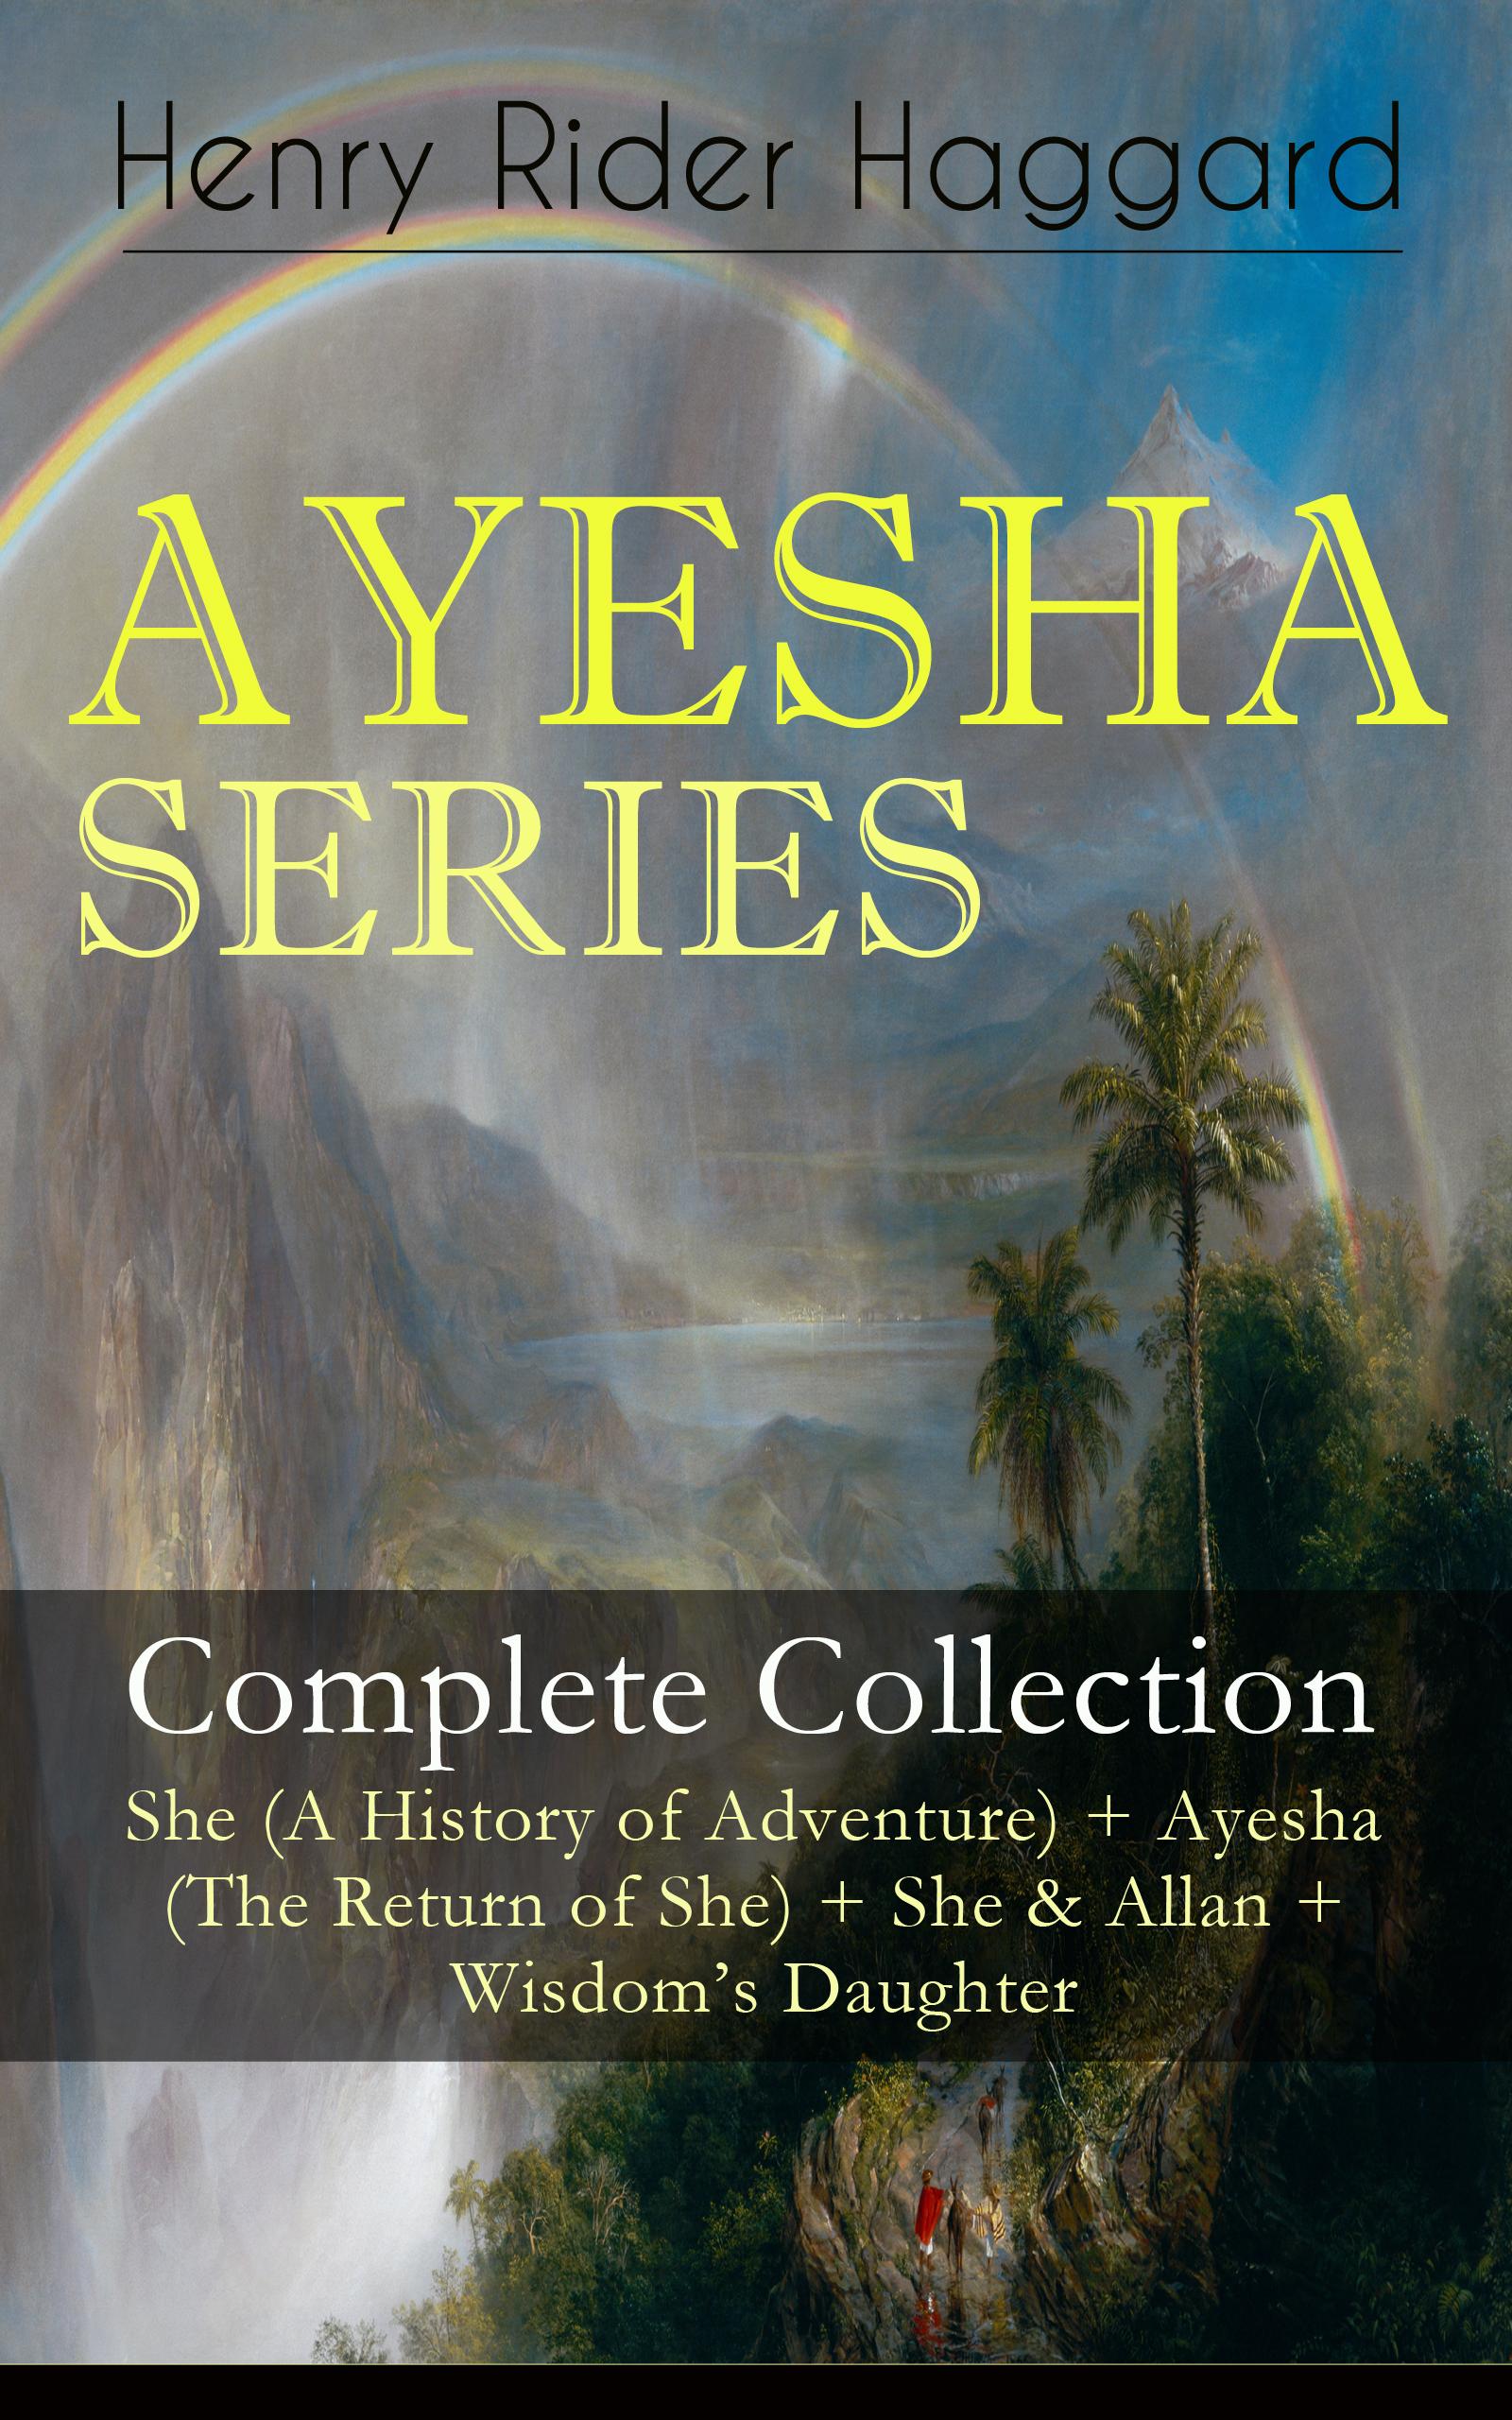 цена Генри Райдер Хаггард AYESHA SERIES – Complete Collection: She (A History of Adventure) + Ayesha (The Return of She) + She & Allan + Wisdom's Daughter онлайн в 2017 году